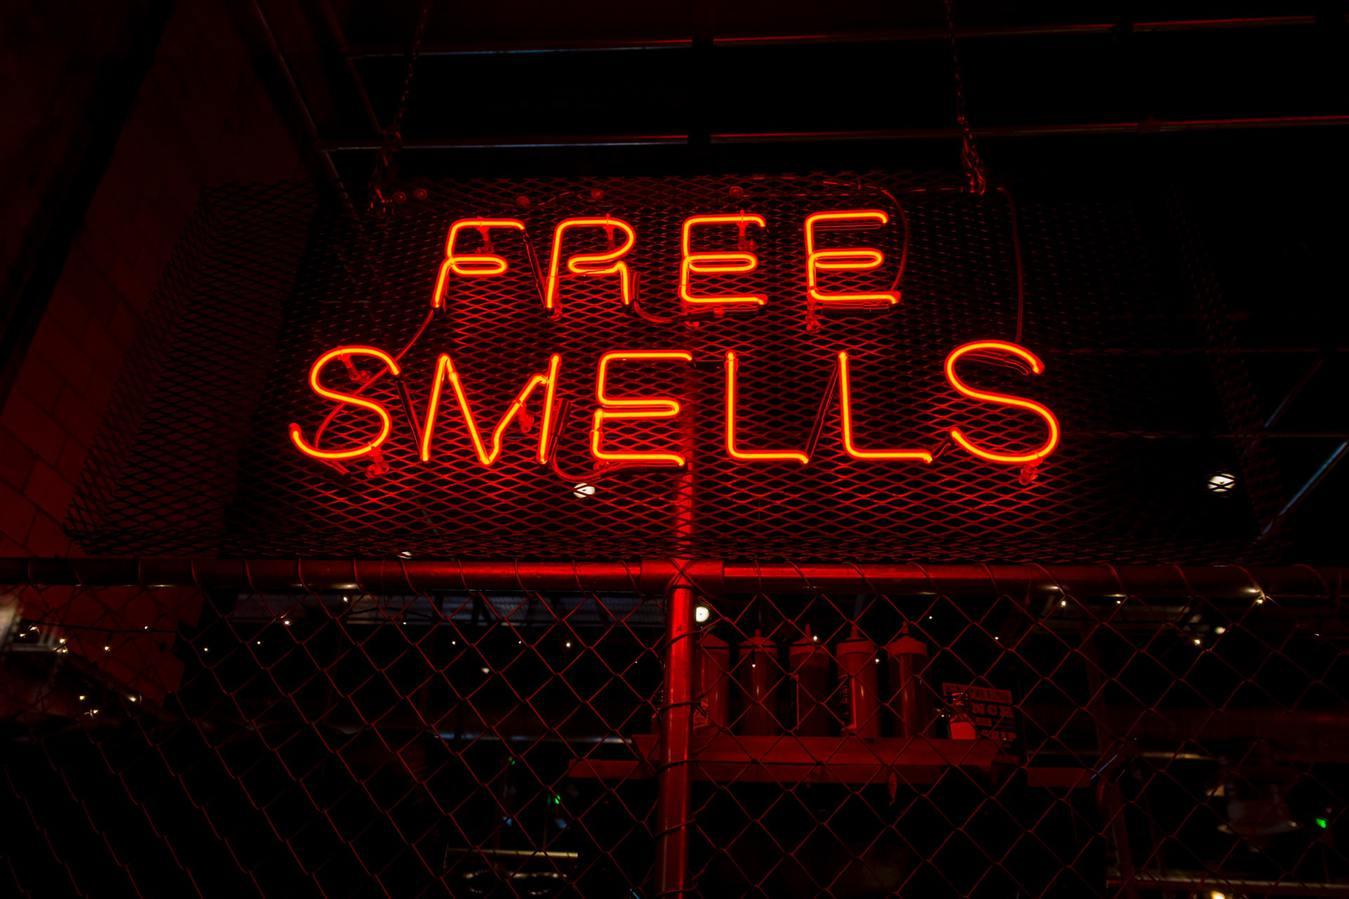 đèn neon cuốn thành chữ free smells bán sản phẩm số